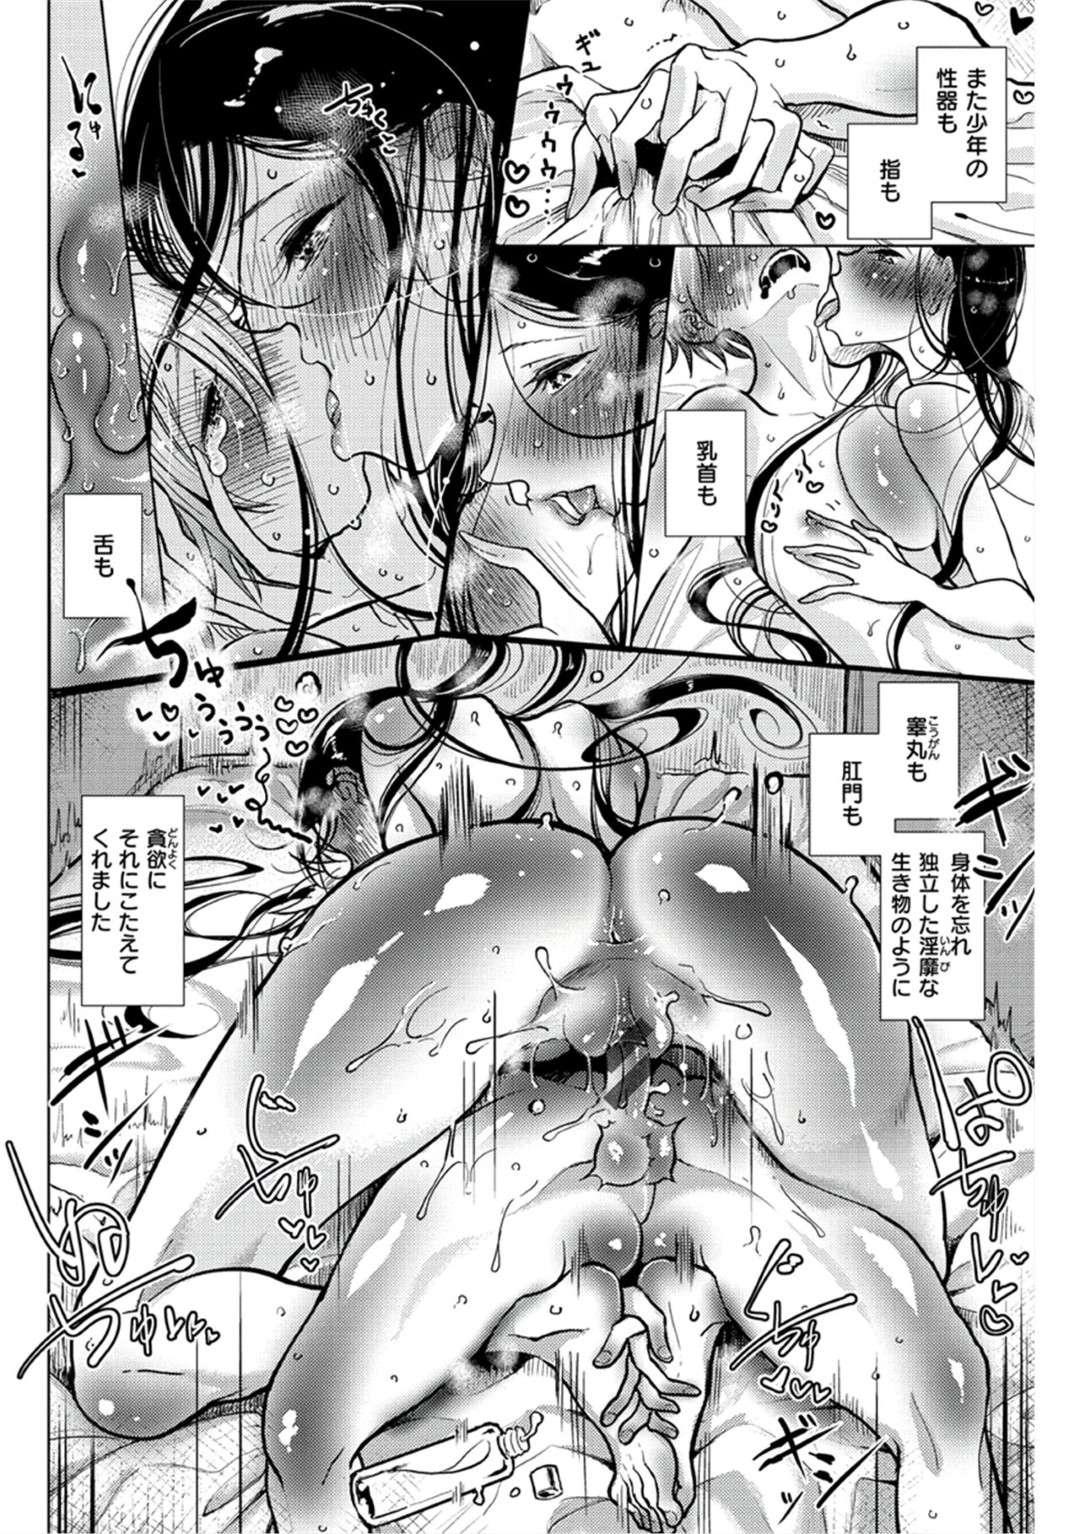 【エロ漫画】OLが帰宅すると家出中のショタ少年を見つけて家に招き入れる。ショタ少年の可愛らしさに我慢できなくなり逆レイプしてイチャイチャHを楽しむ!